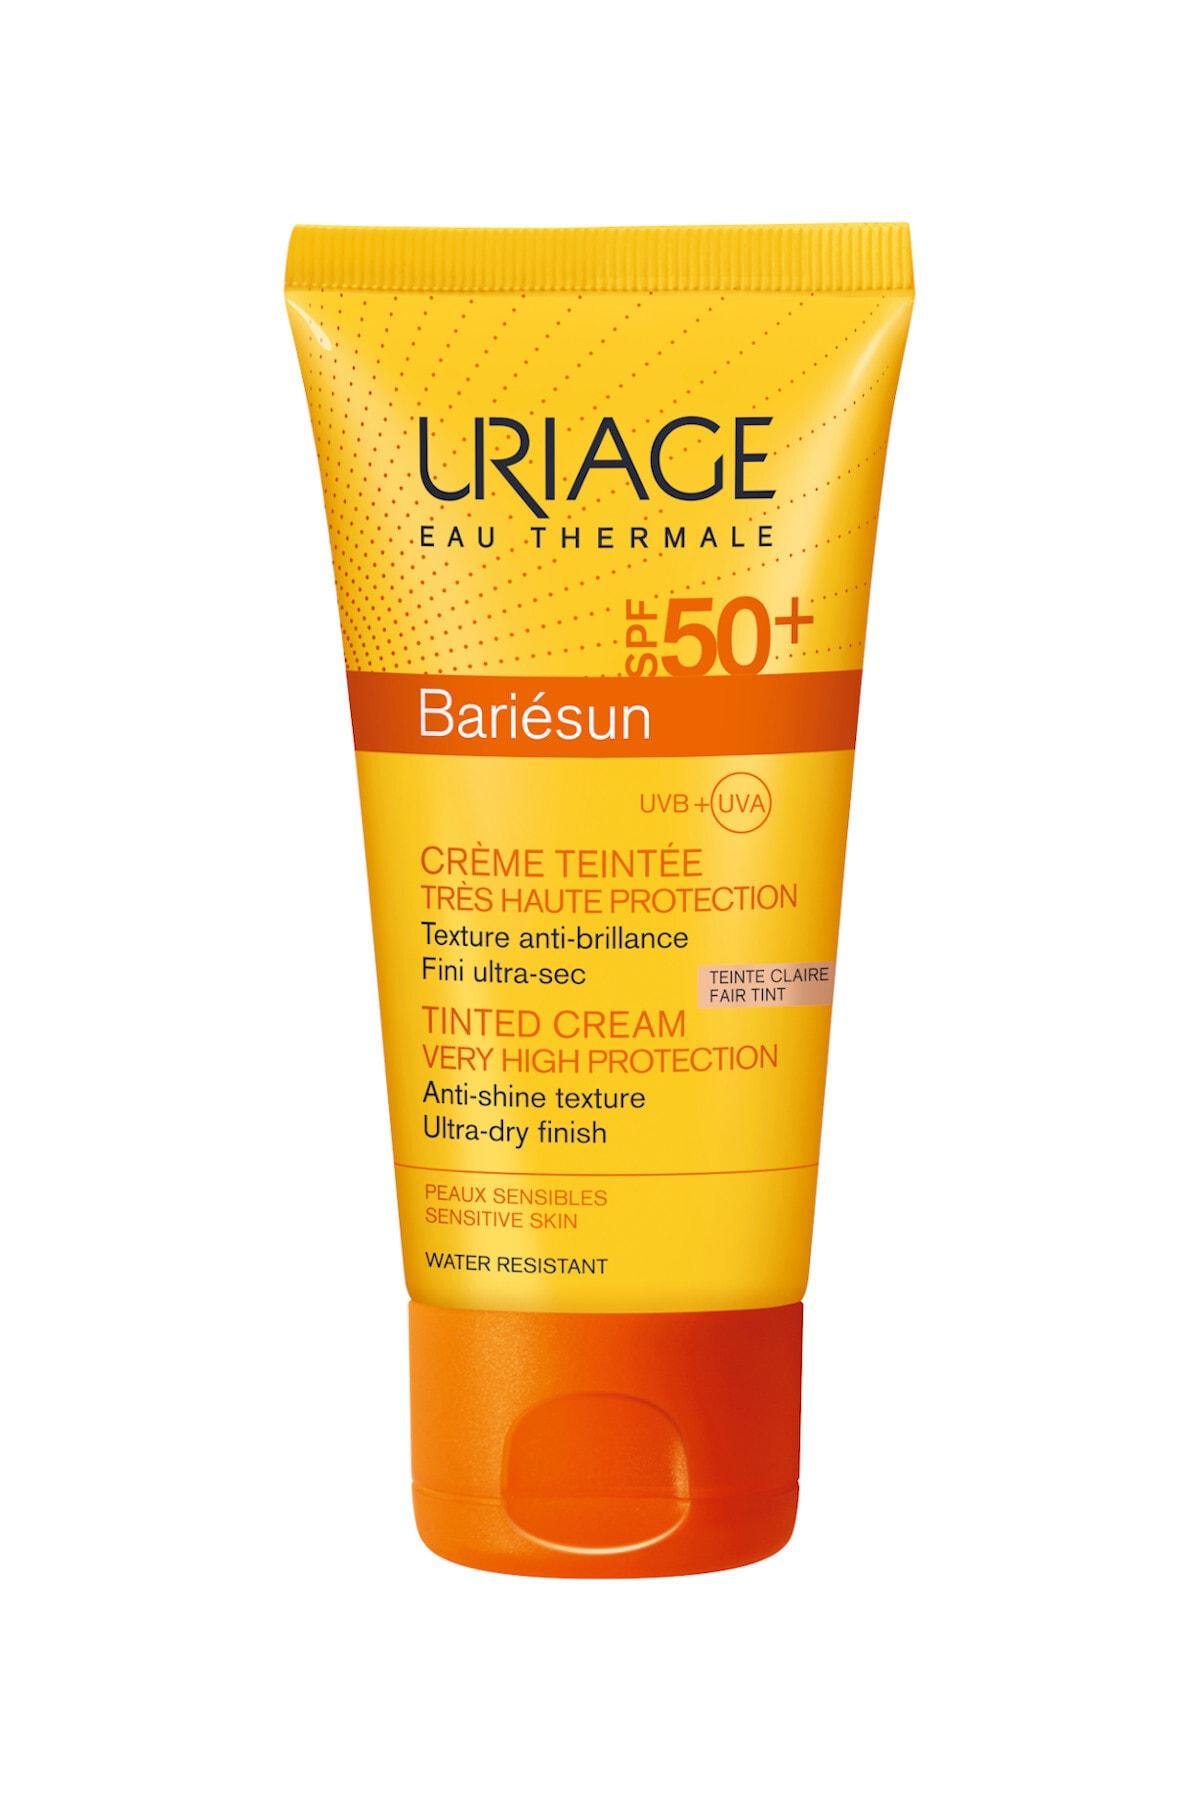 Uriage Bariesun SPF50+ Tinted Cream Fair Tint 50 ml 3661434006517